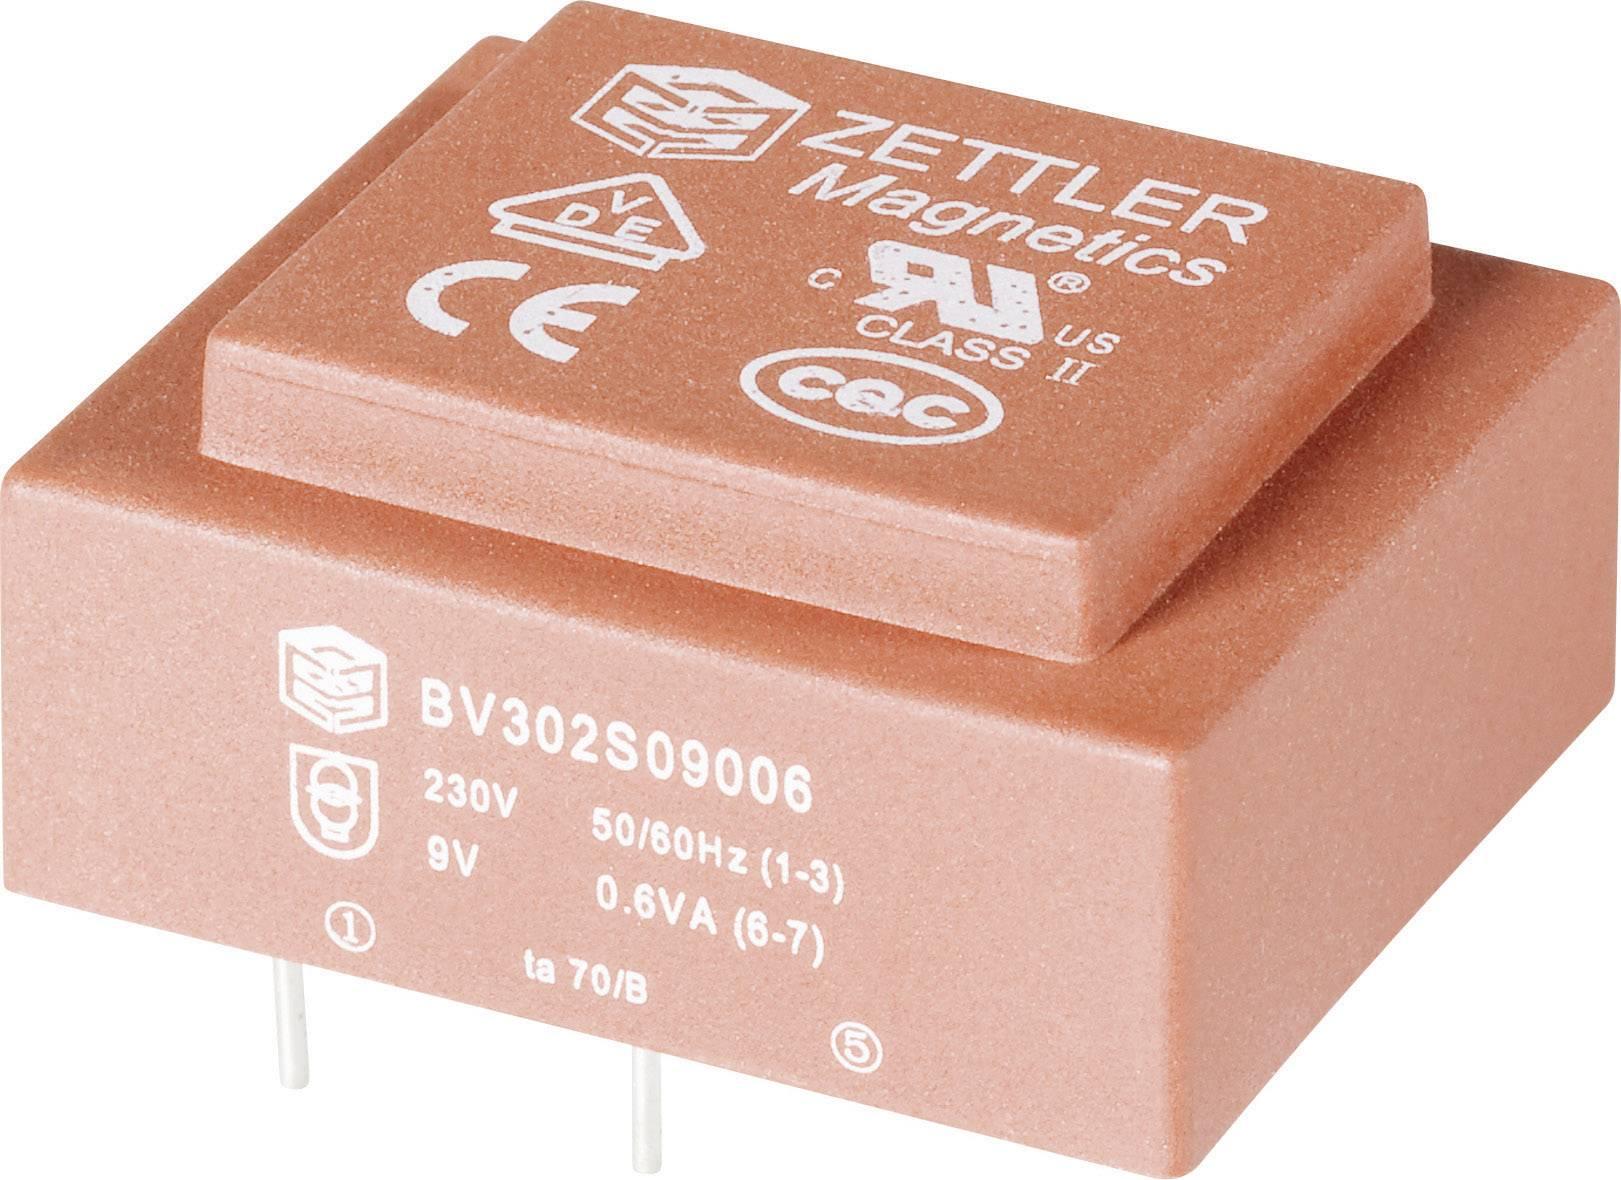 Transformátor do DPS Zettler Magnetics El30, 230 V/2x 15 V, 2x 20 mA, 2 VA